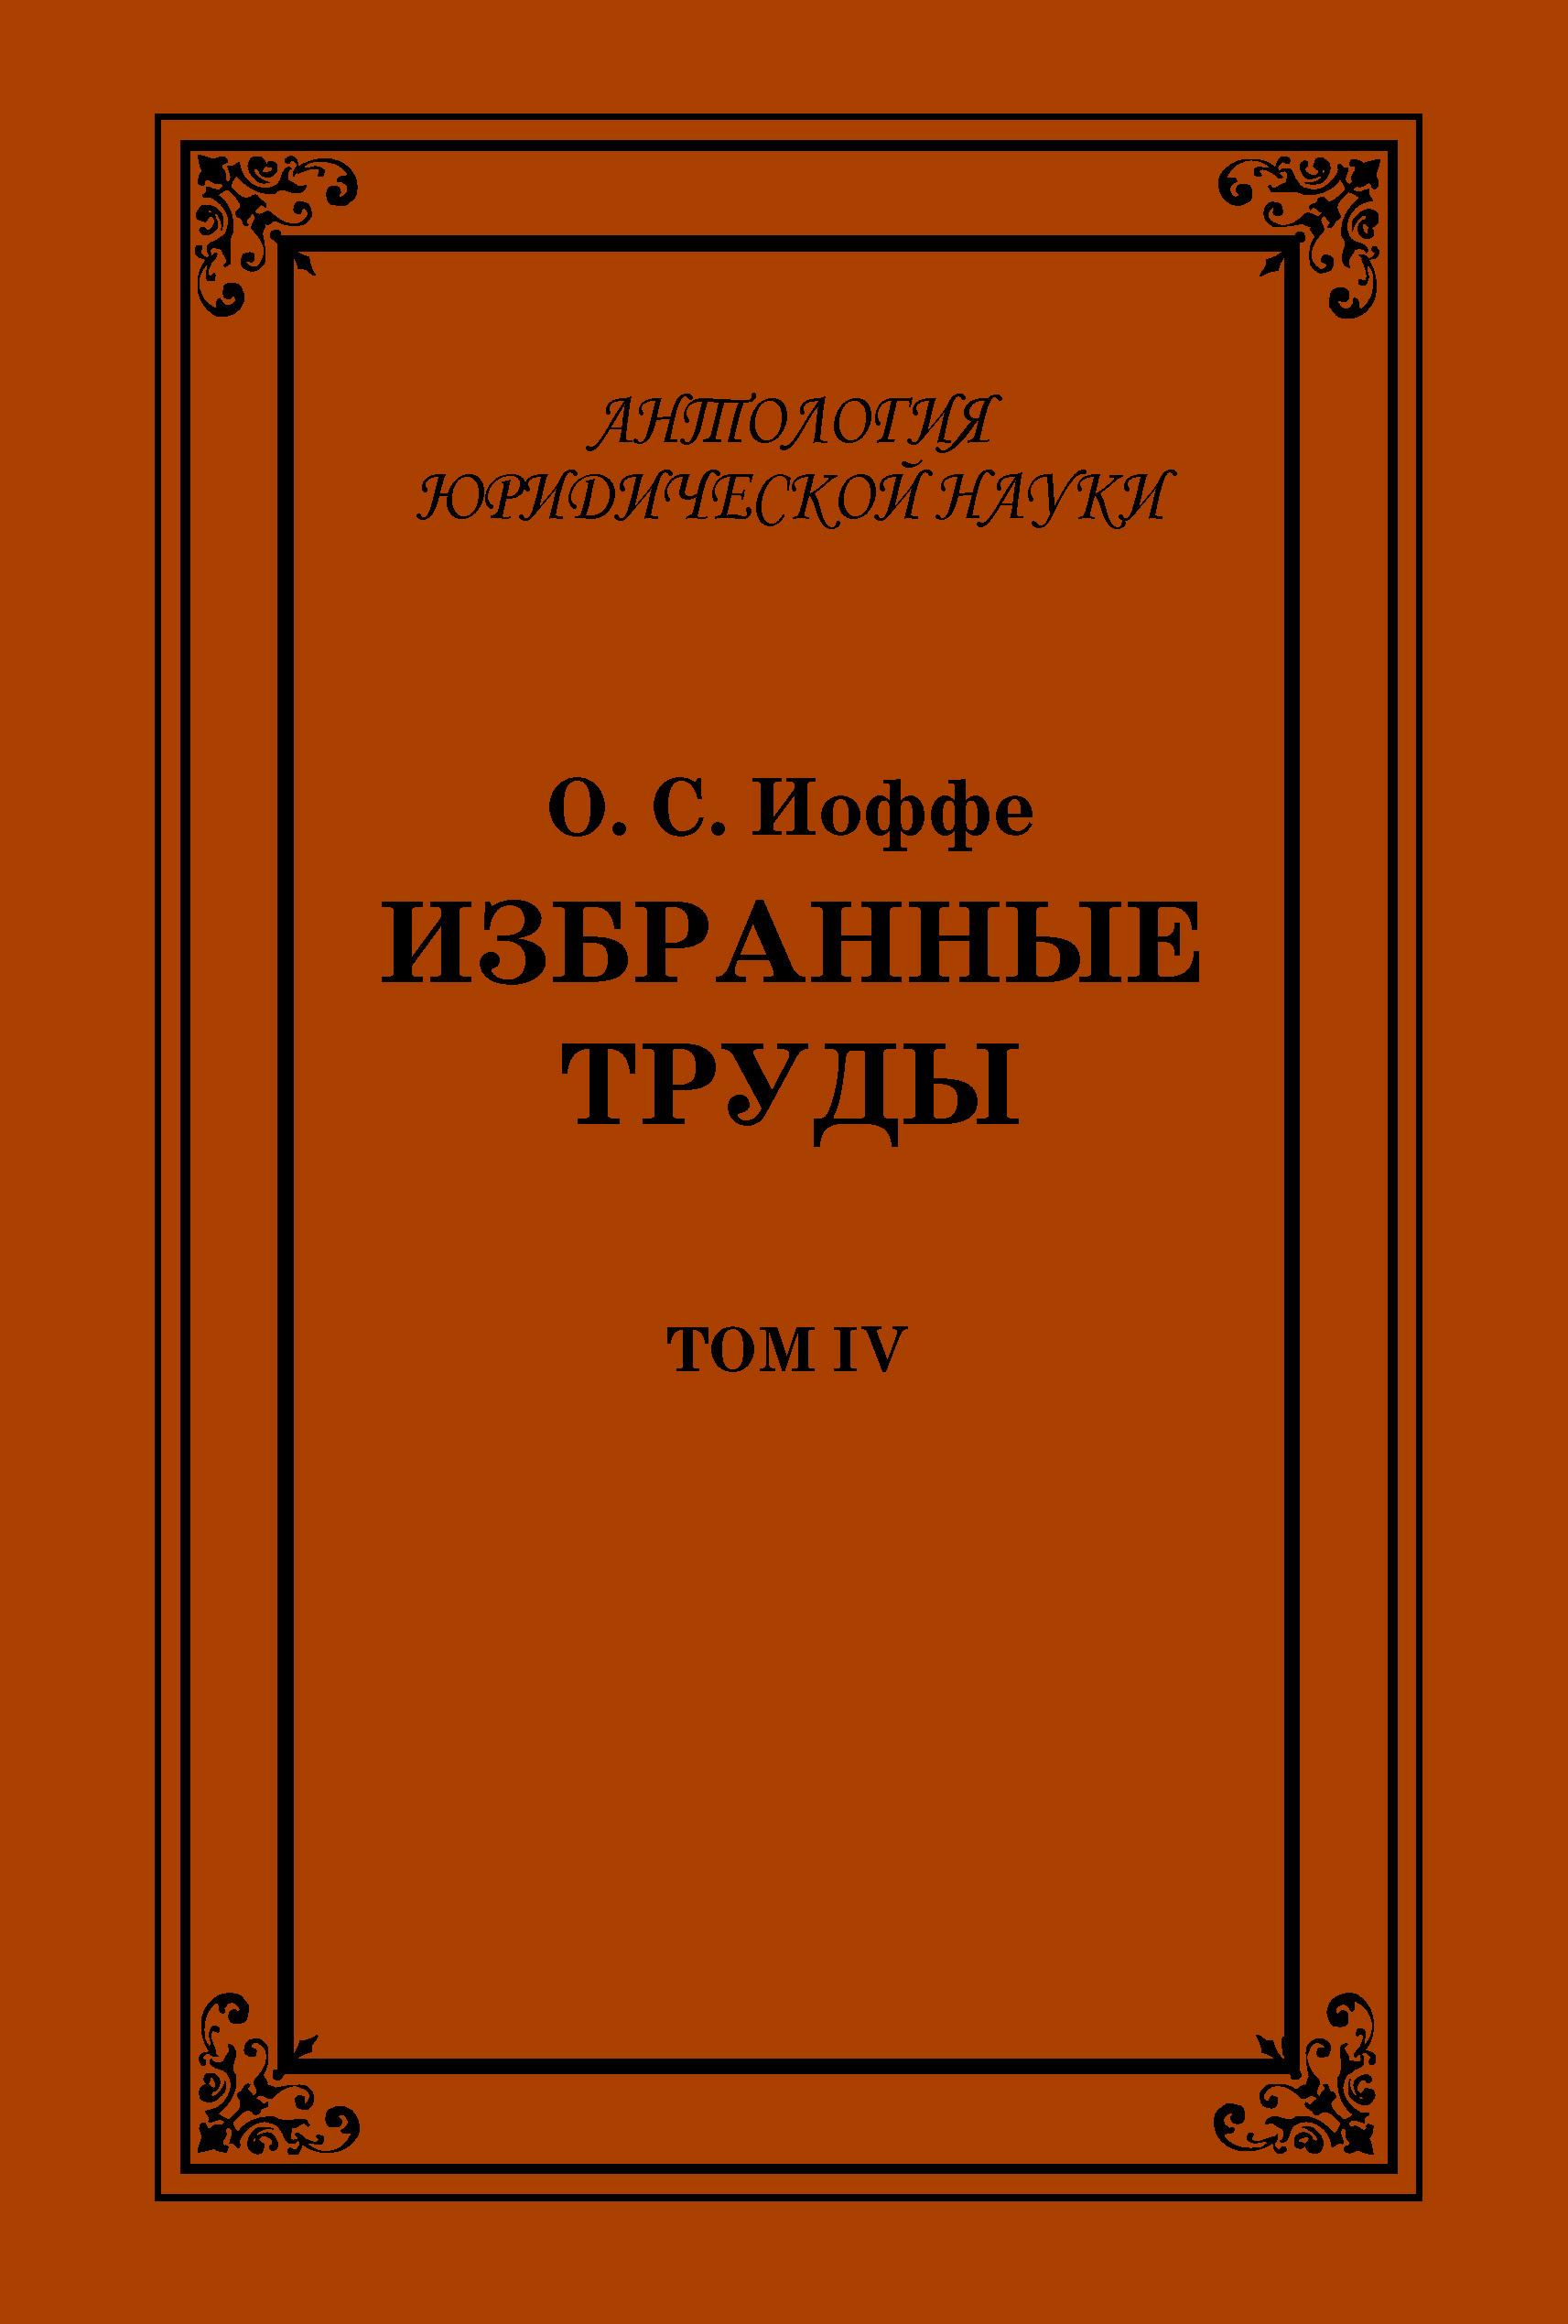 Олимпиад Иоффе Избранные труды. Том IV а ф иоффе а ф иоффе избранные труды комплект из 2 книг